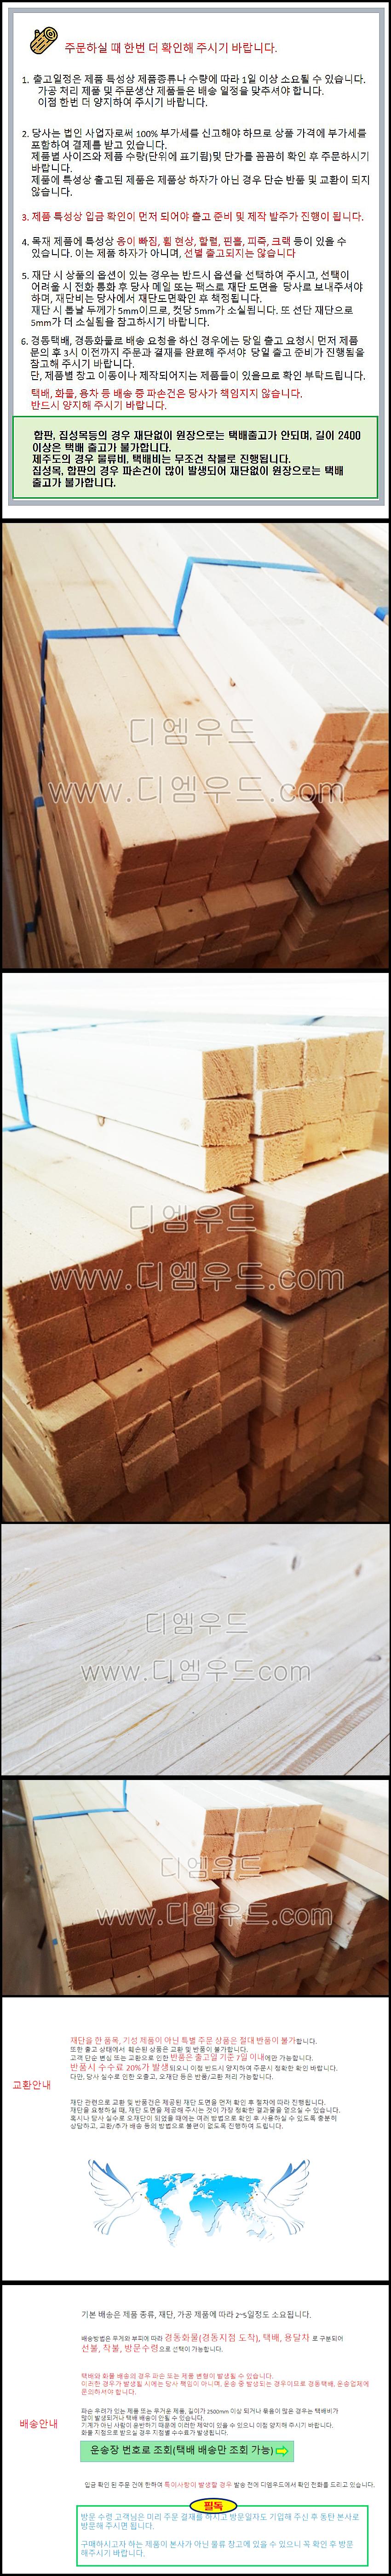 71b1fb06849f64ec5e9ee737c5d39742_1539830743_53.jpg